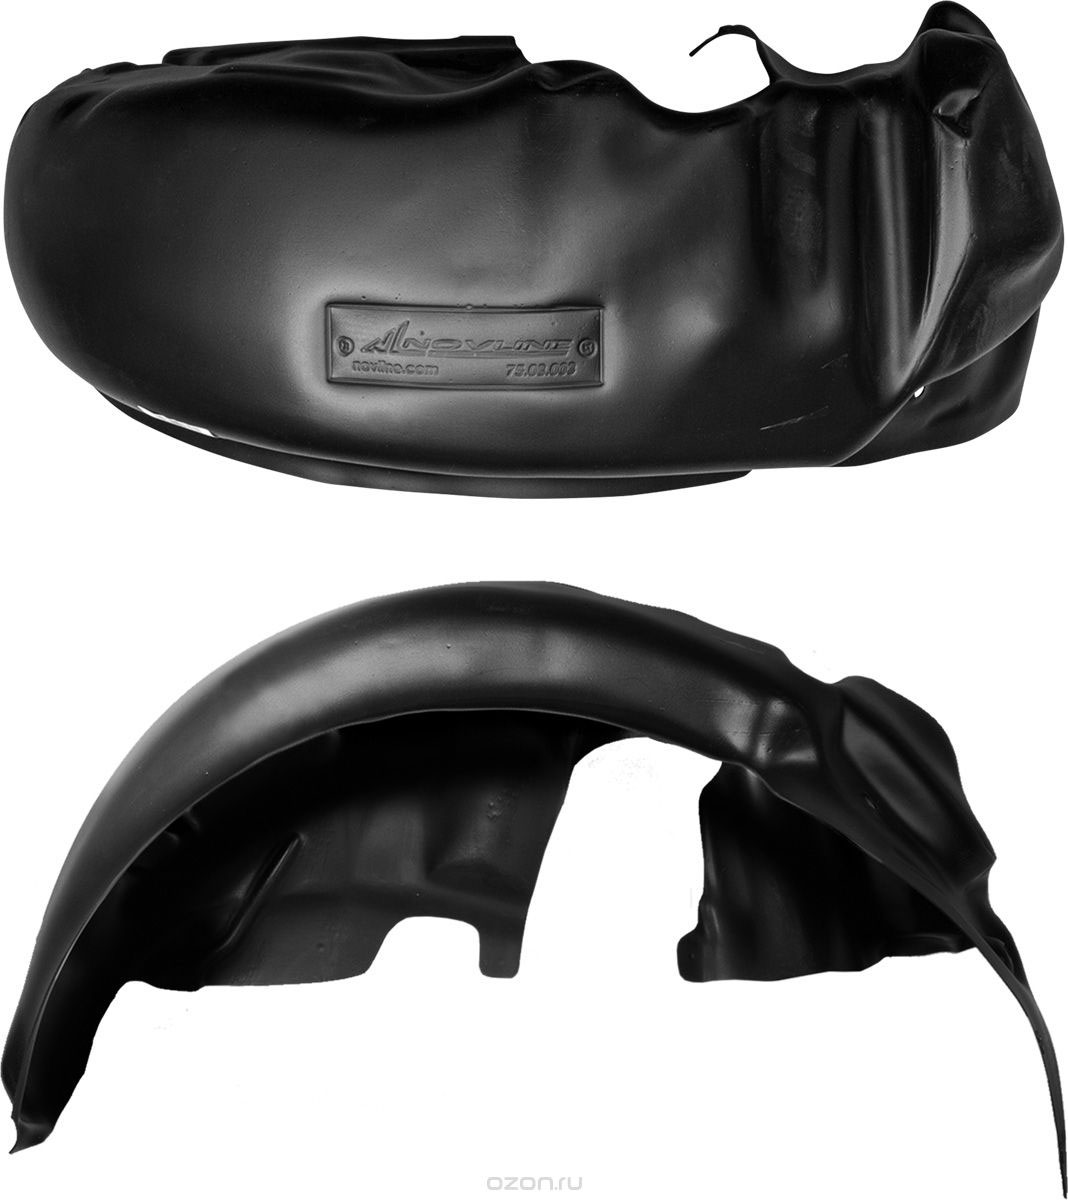 Подкрылок Novline-Autofamily, для CHEVROLET Spark 2010->, передний левыйNLL.08.14.001Идеальная защита колесной ниши. Локеры разработаны с применением цифровых технологий, гарантируют максимальную повторяемость поверхности арки. Изделия устанавливаются без нарушения лакокрасочного покрытия автомобиля, каждый подкрылок комплектуется крепежом. Уважаемые клиенты, обращаем ваше внимание, что фотографии на подкрылки универсальные и не отражают реальную форму изделия. При этом само изделие идет точно под размер указанного автомобиля.